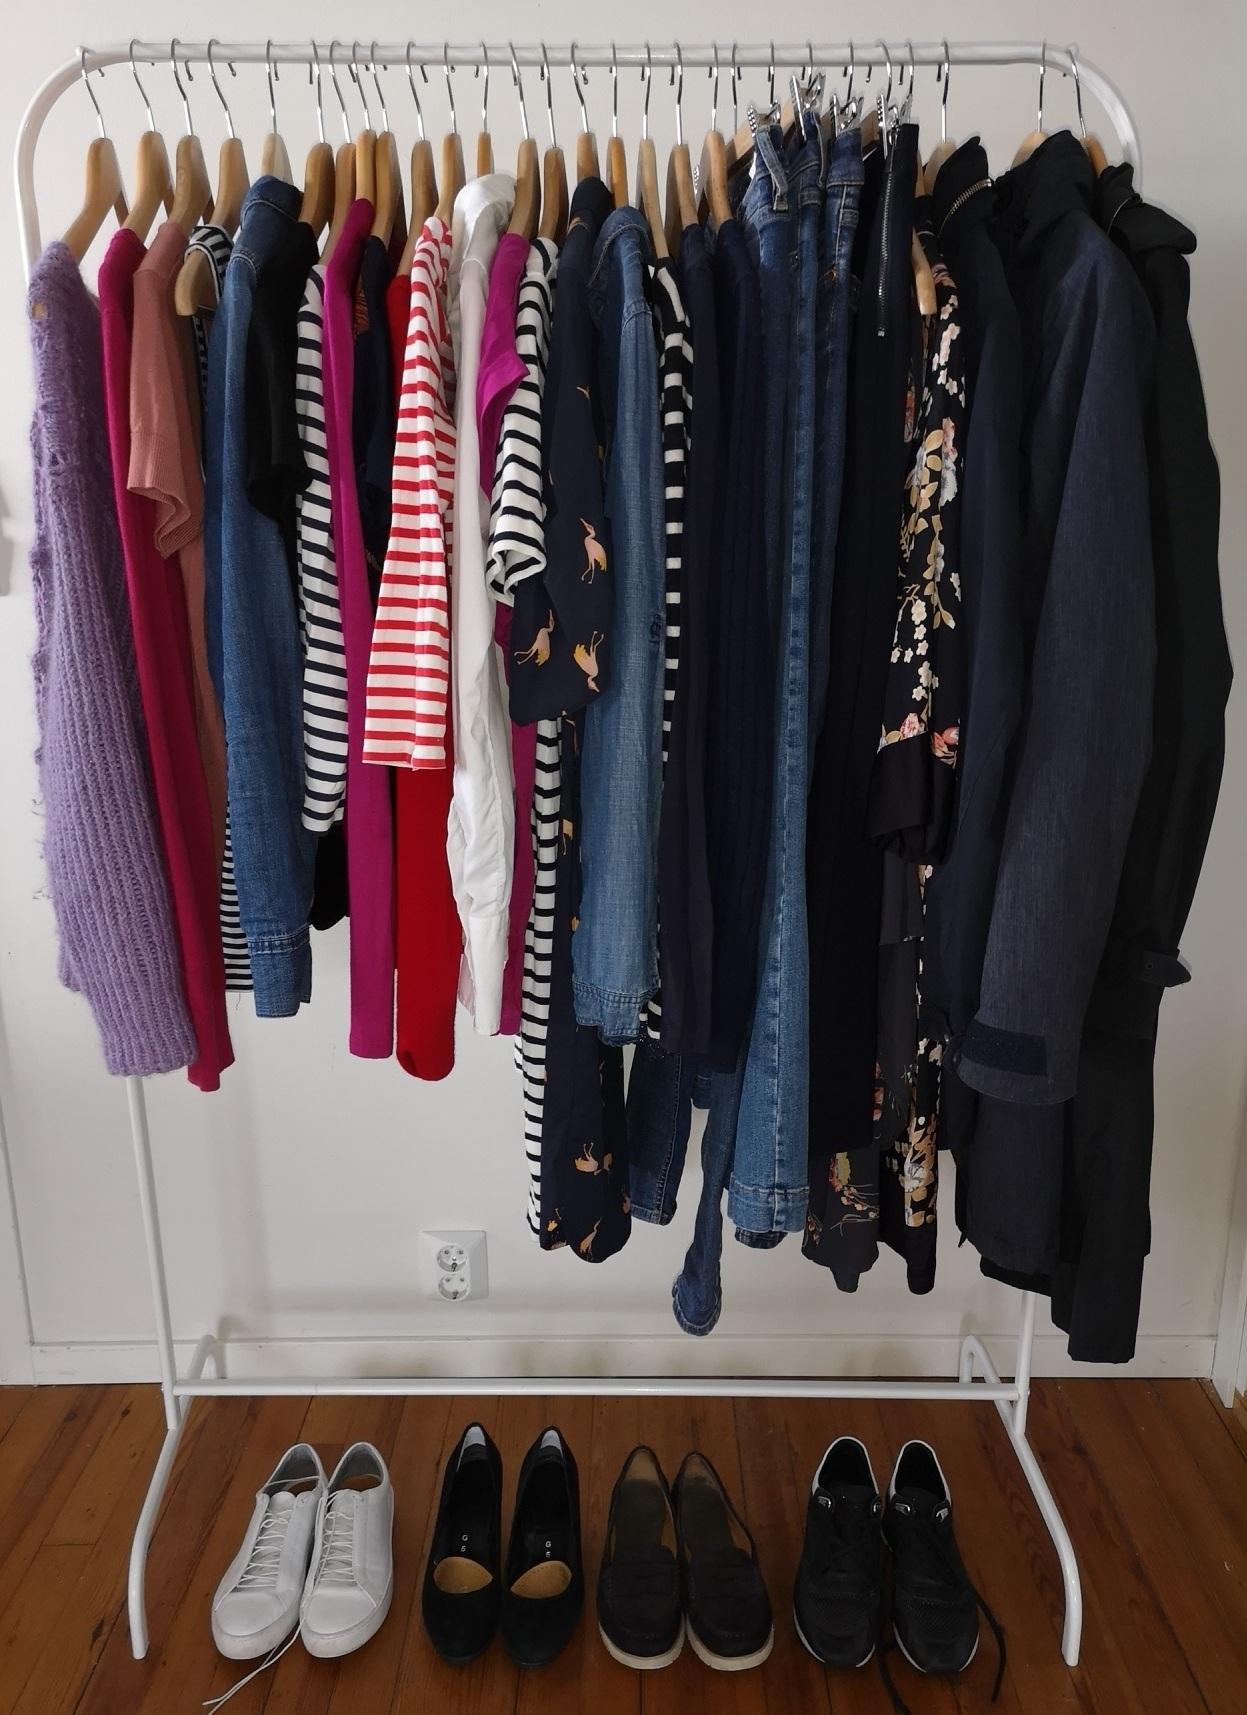 Min minimalistiske garderobe: tre ytterplagg, fire par sko og 25 klesplagg, 32 i alt. Det dekker behovet for den kommende sesongen.